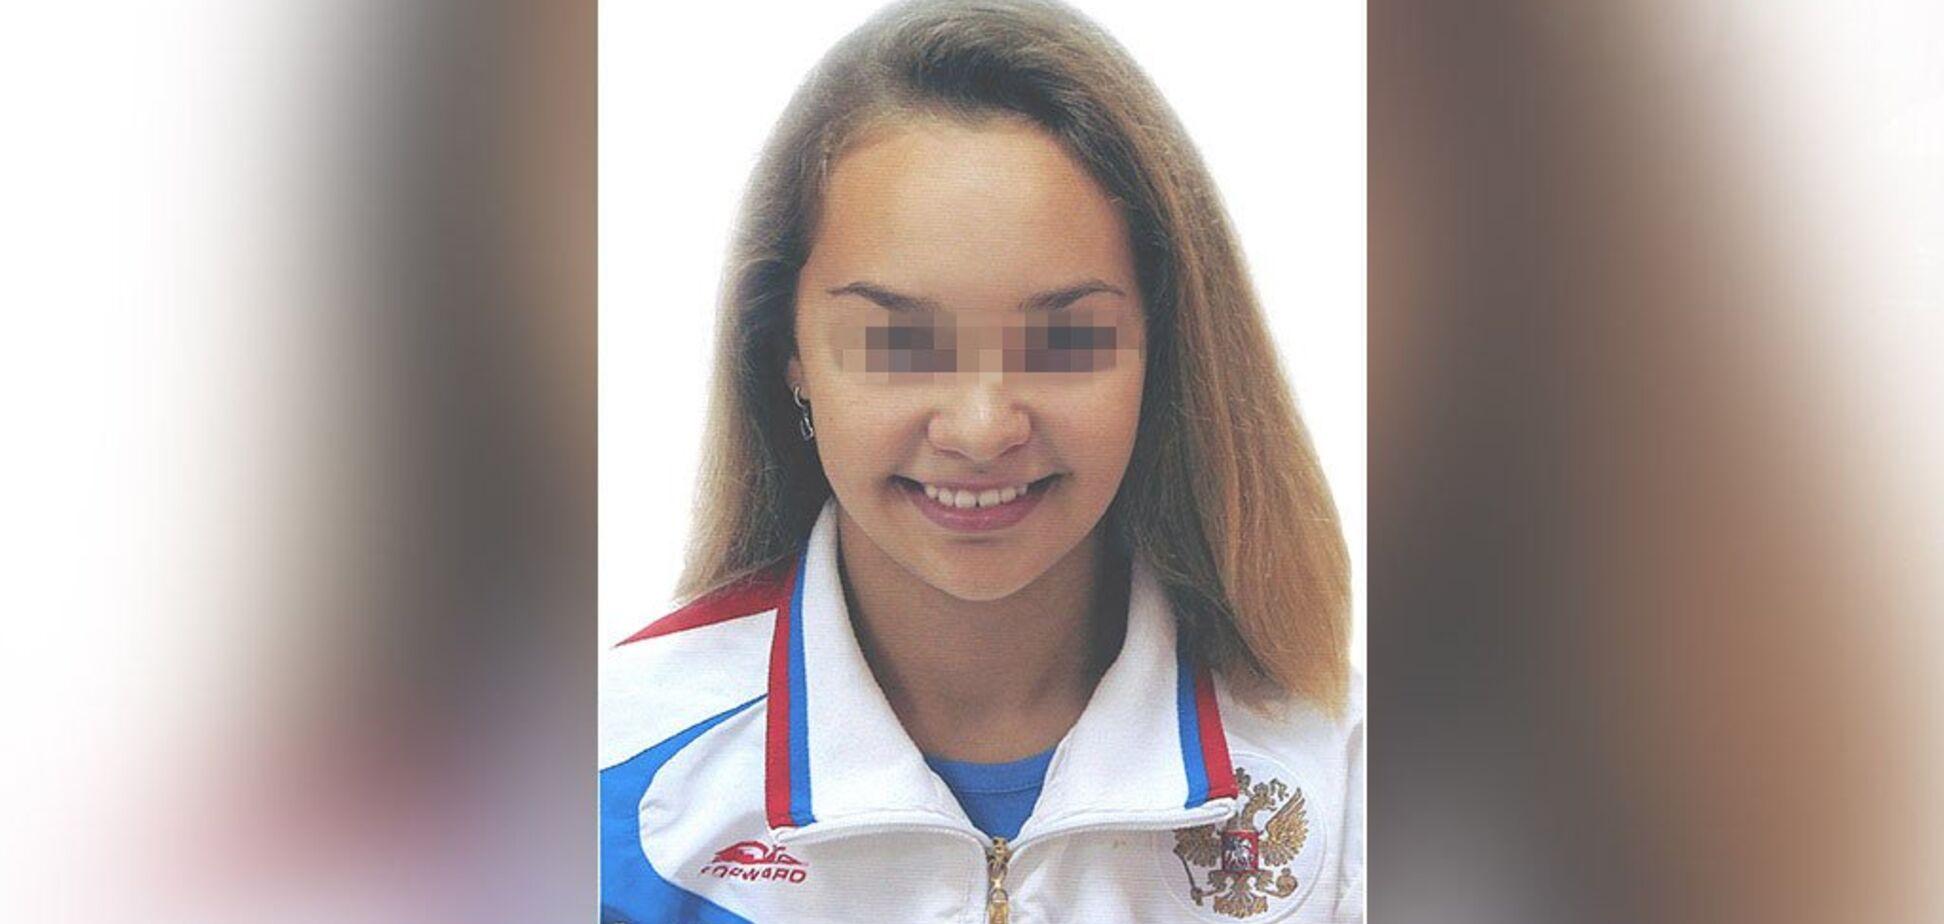 Віце-чемпіонку Росії зарізали в Тольятті